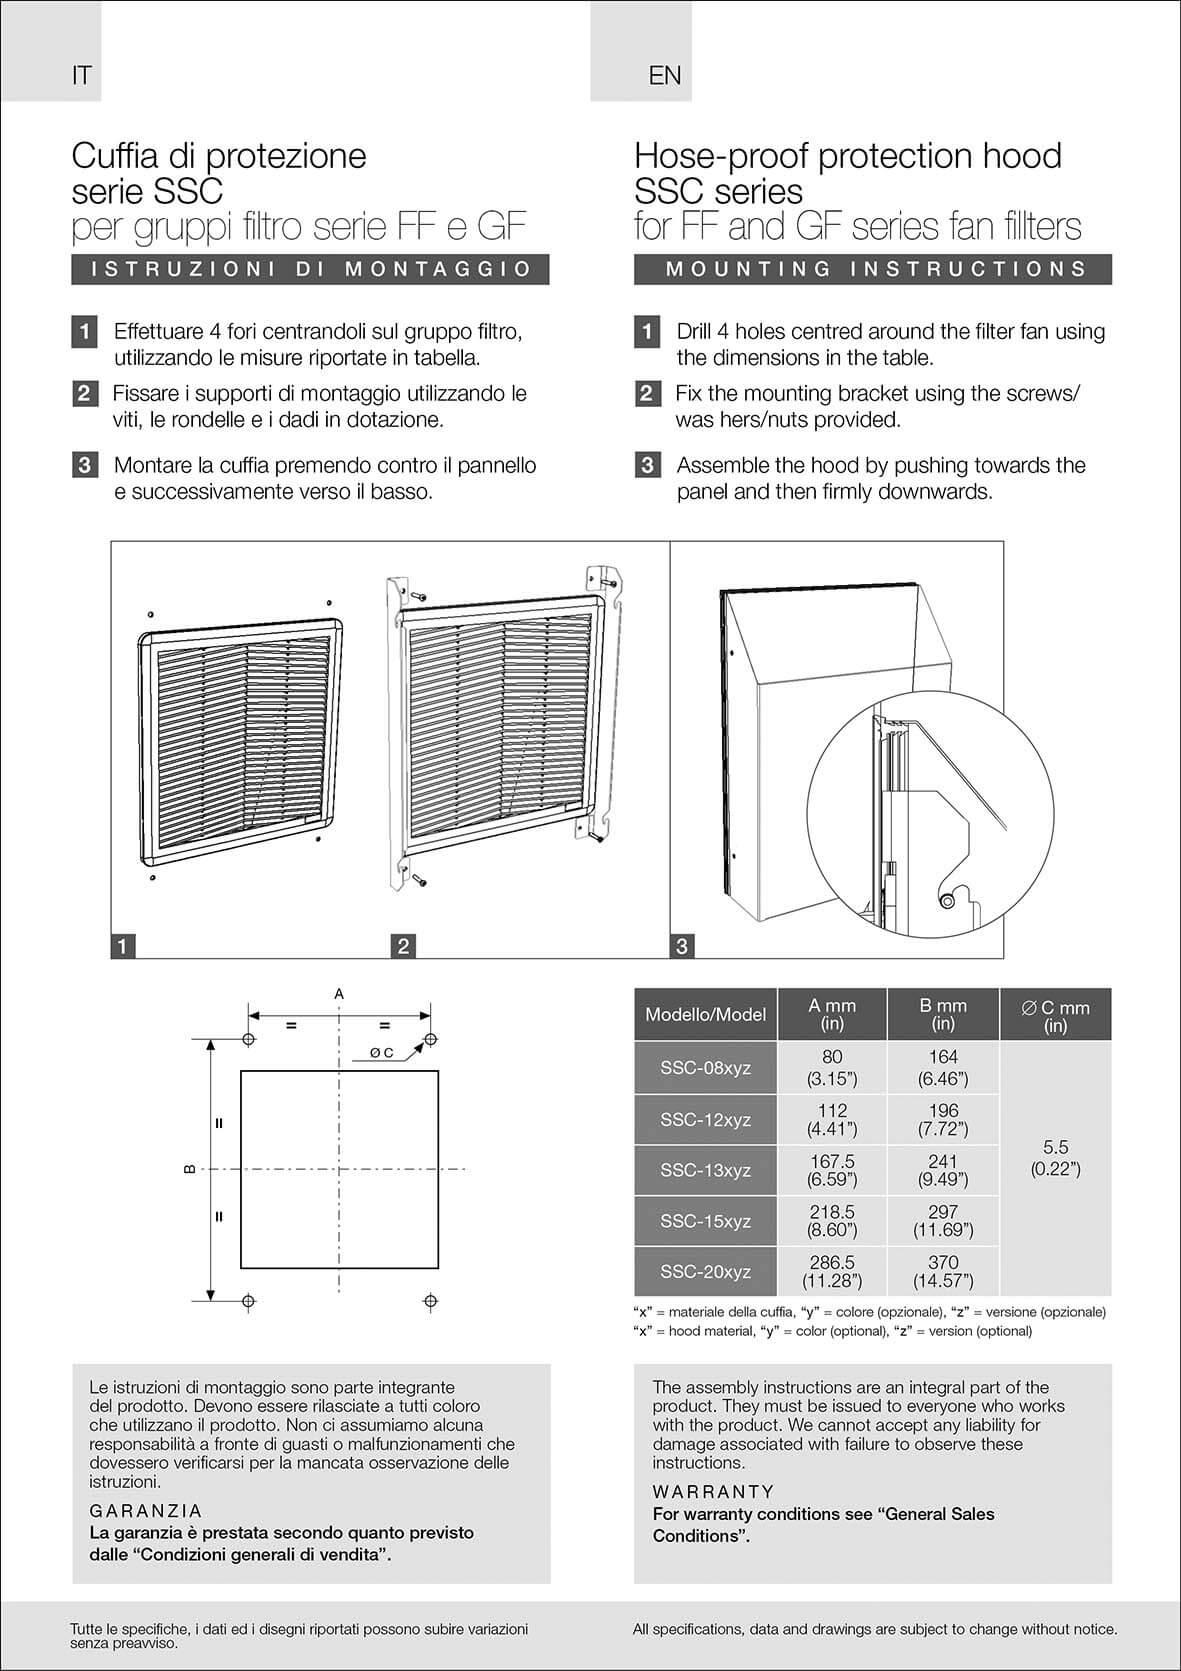 Filter fans hose proof hood SSC-A/EU instructions